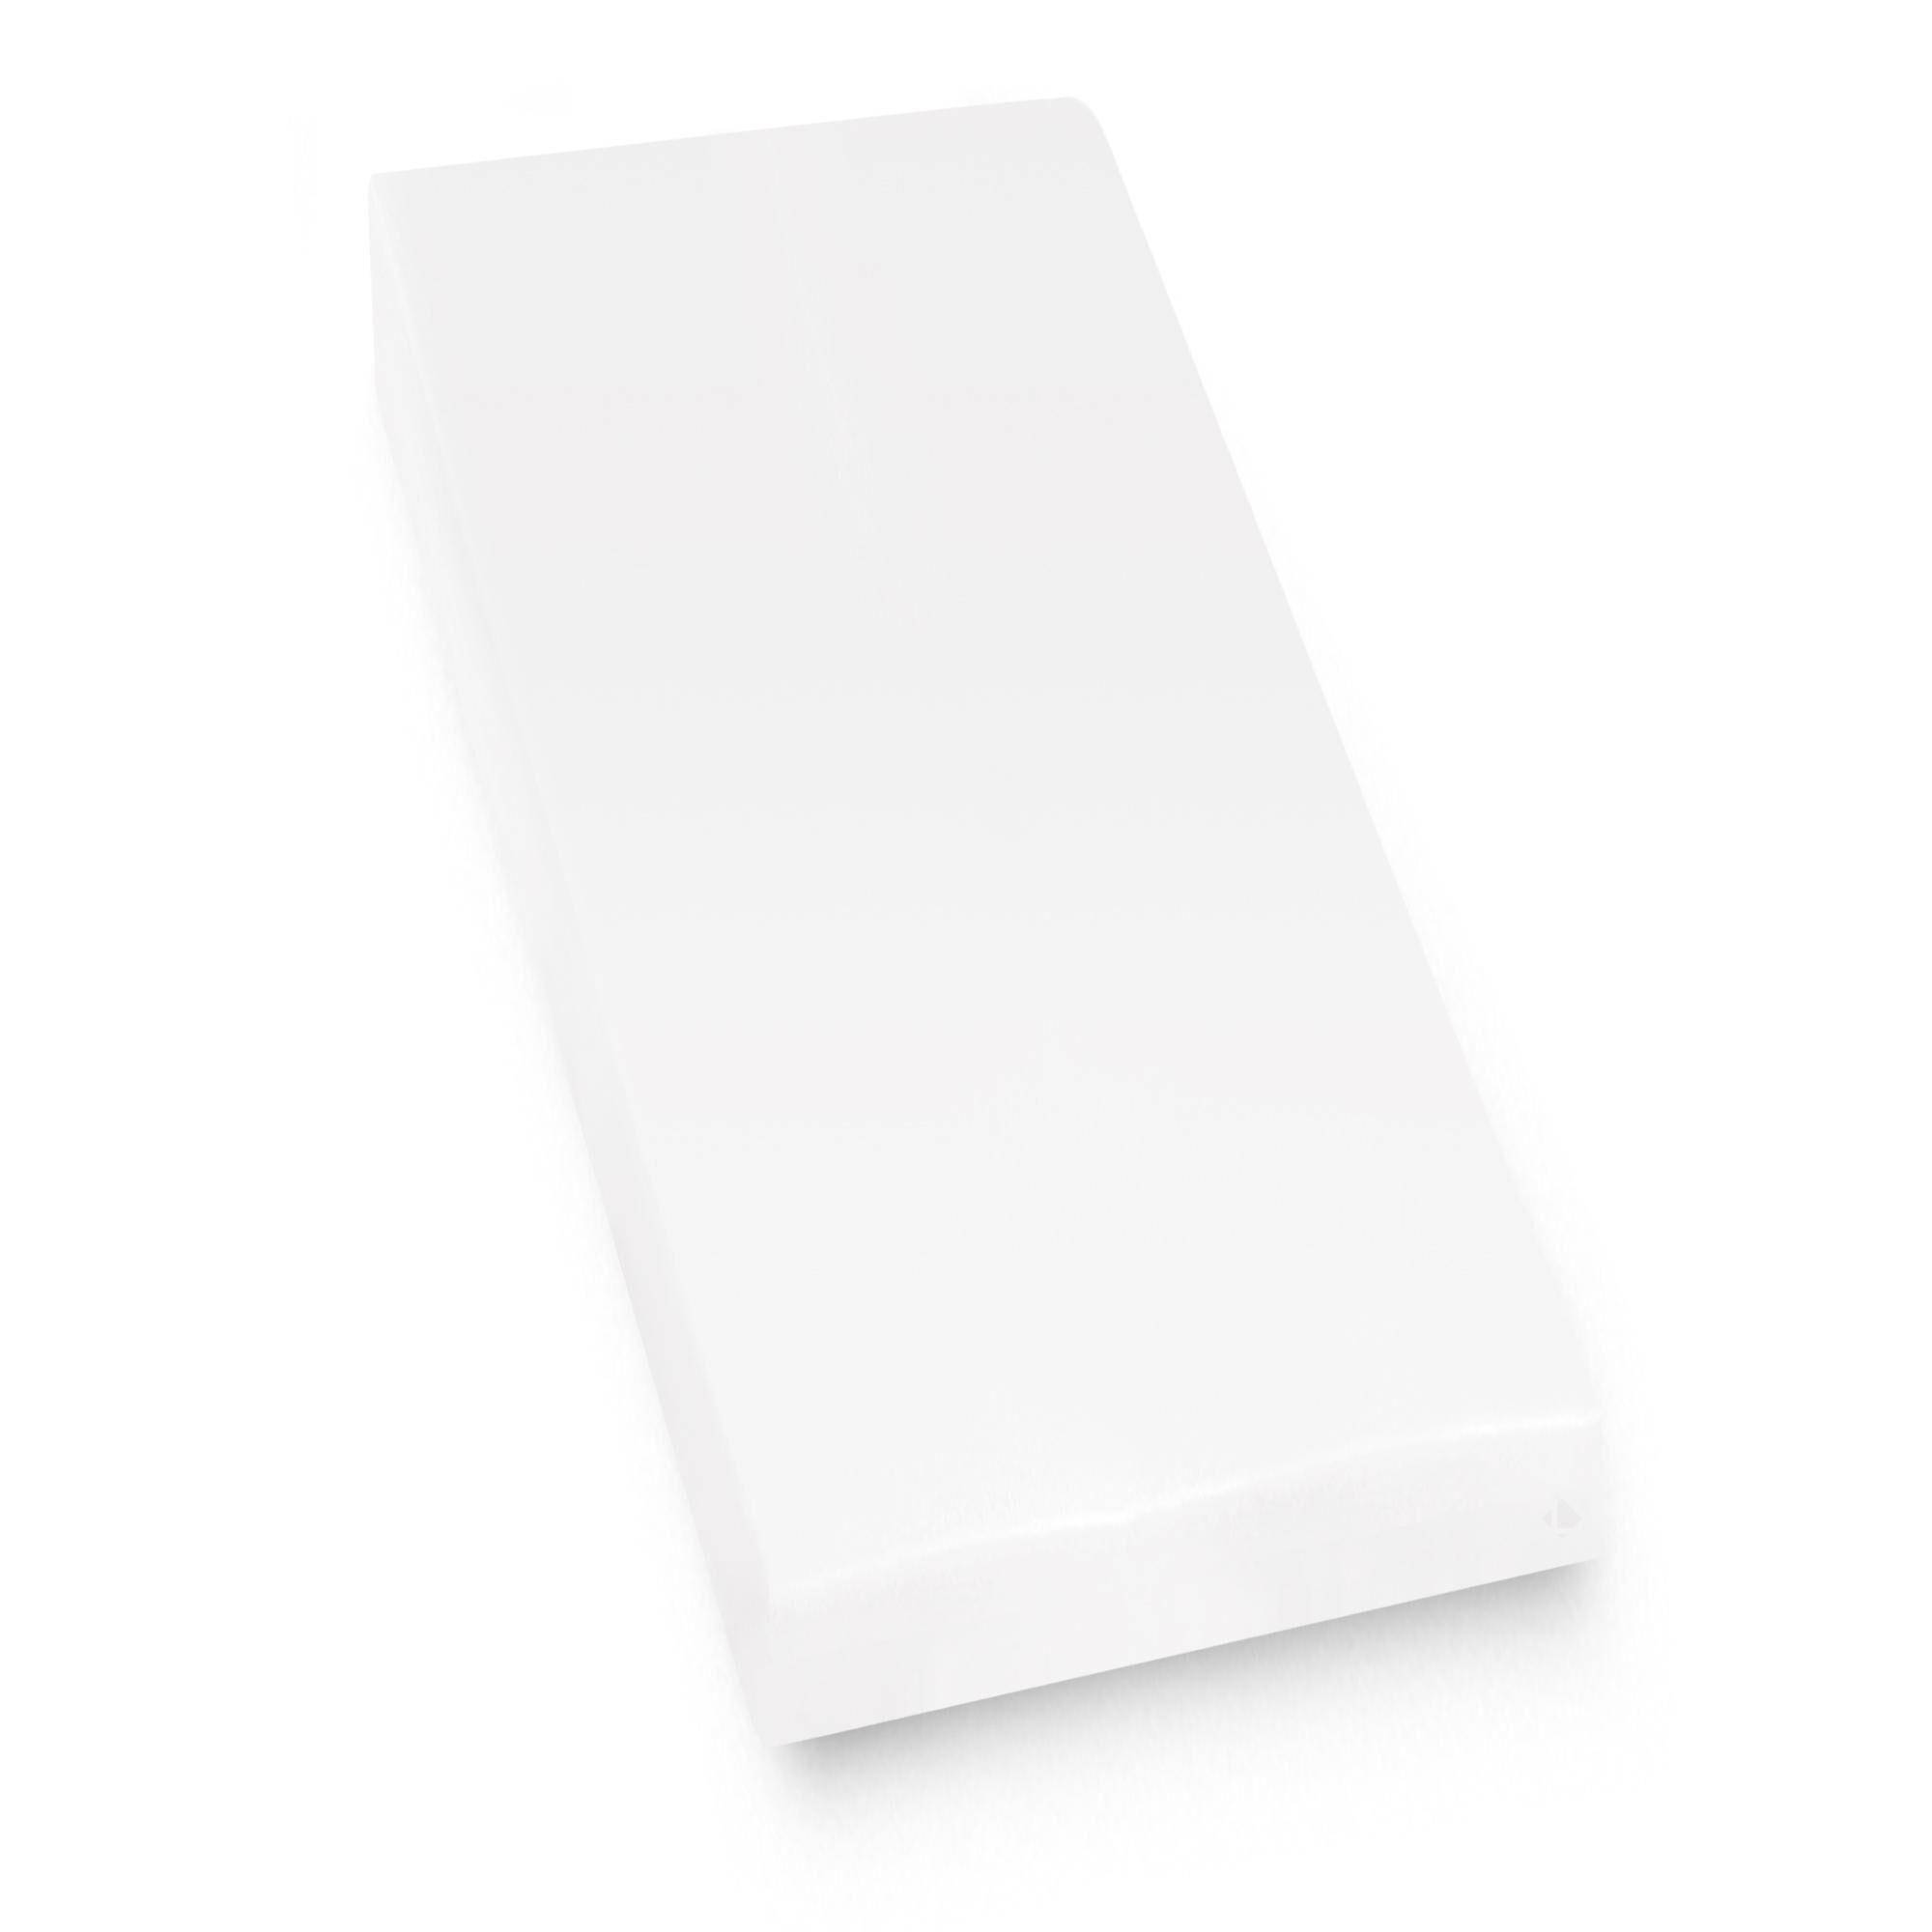 Linnea Protège matelas imperméable 80x190 cm bonnet 30cm ARNON molleton 100% coton contrecollé polyuréthane